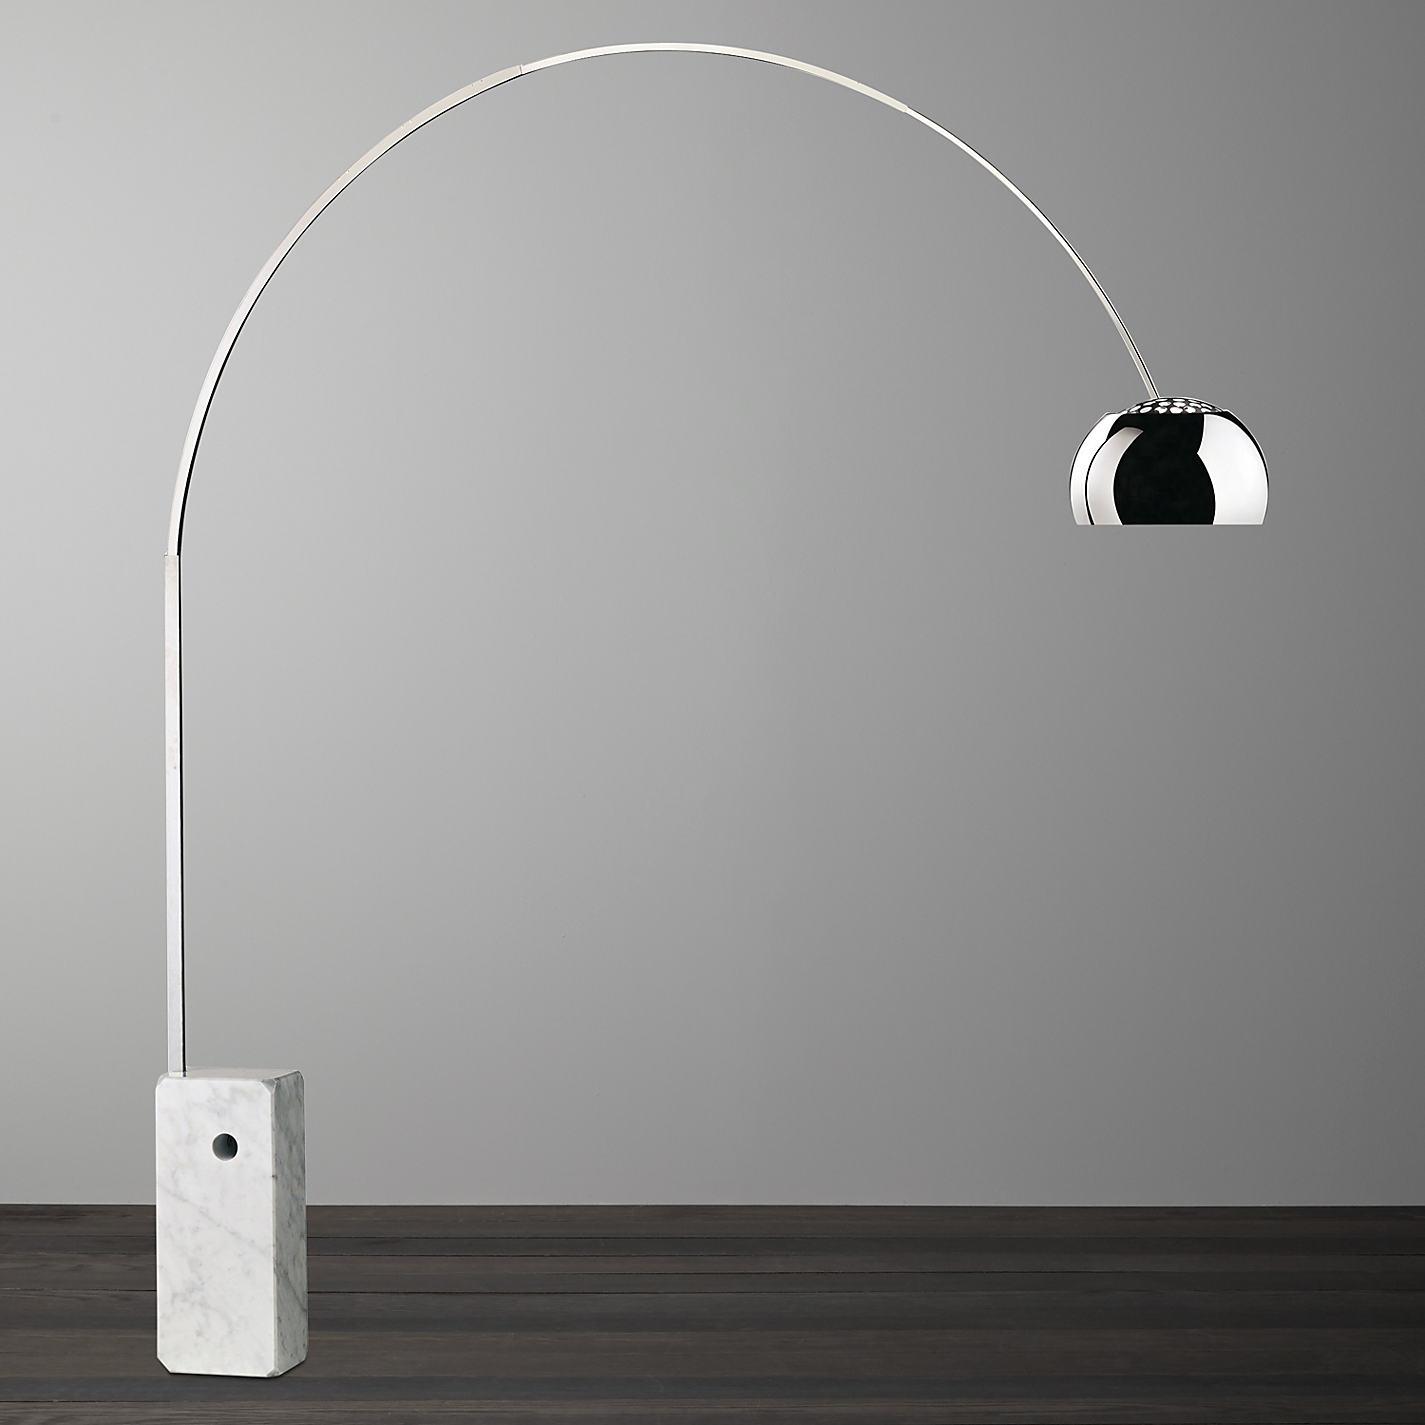 Buy flos arco floor lamp silver john lewis buy flos arco floor lamp silver online at johnlewis aloadofball Images